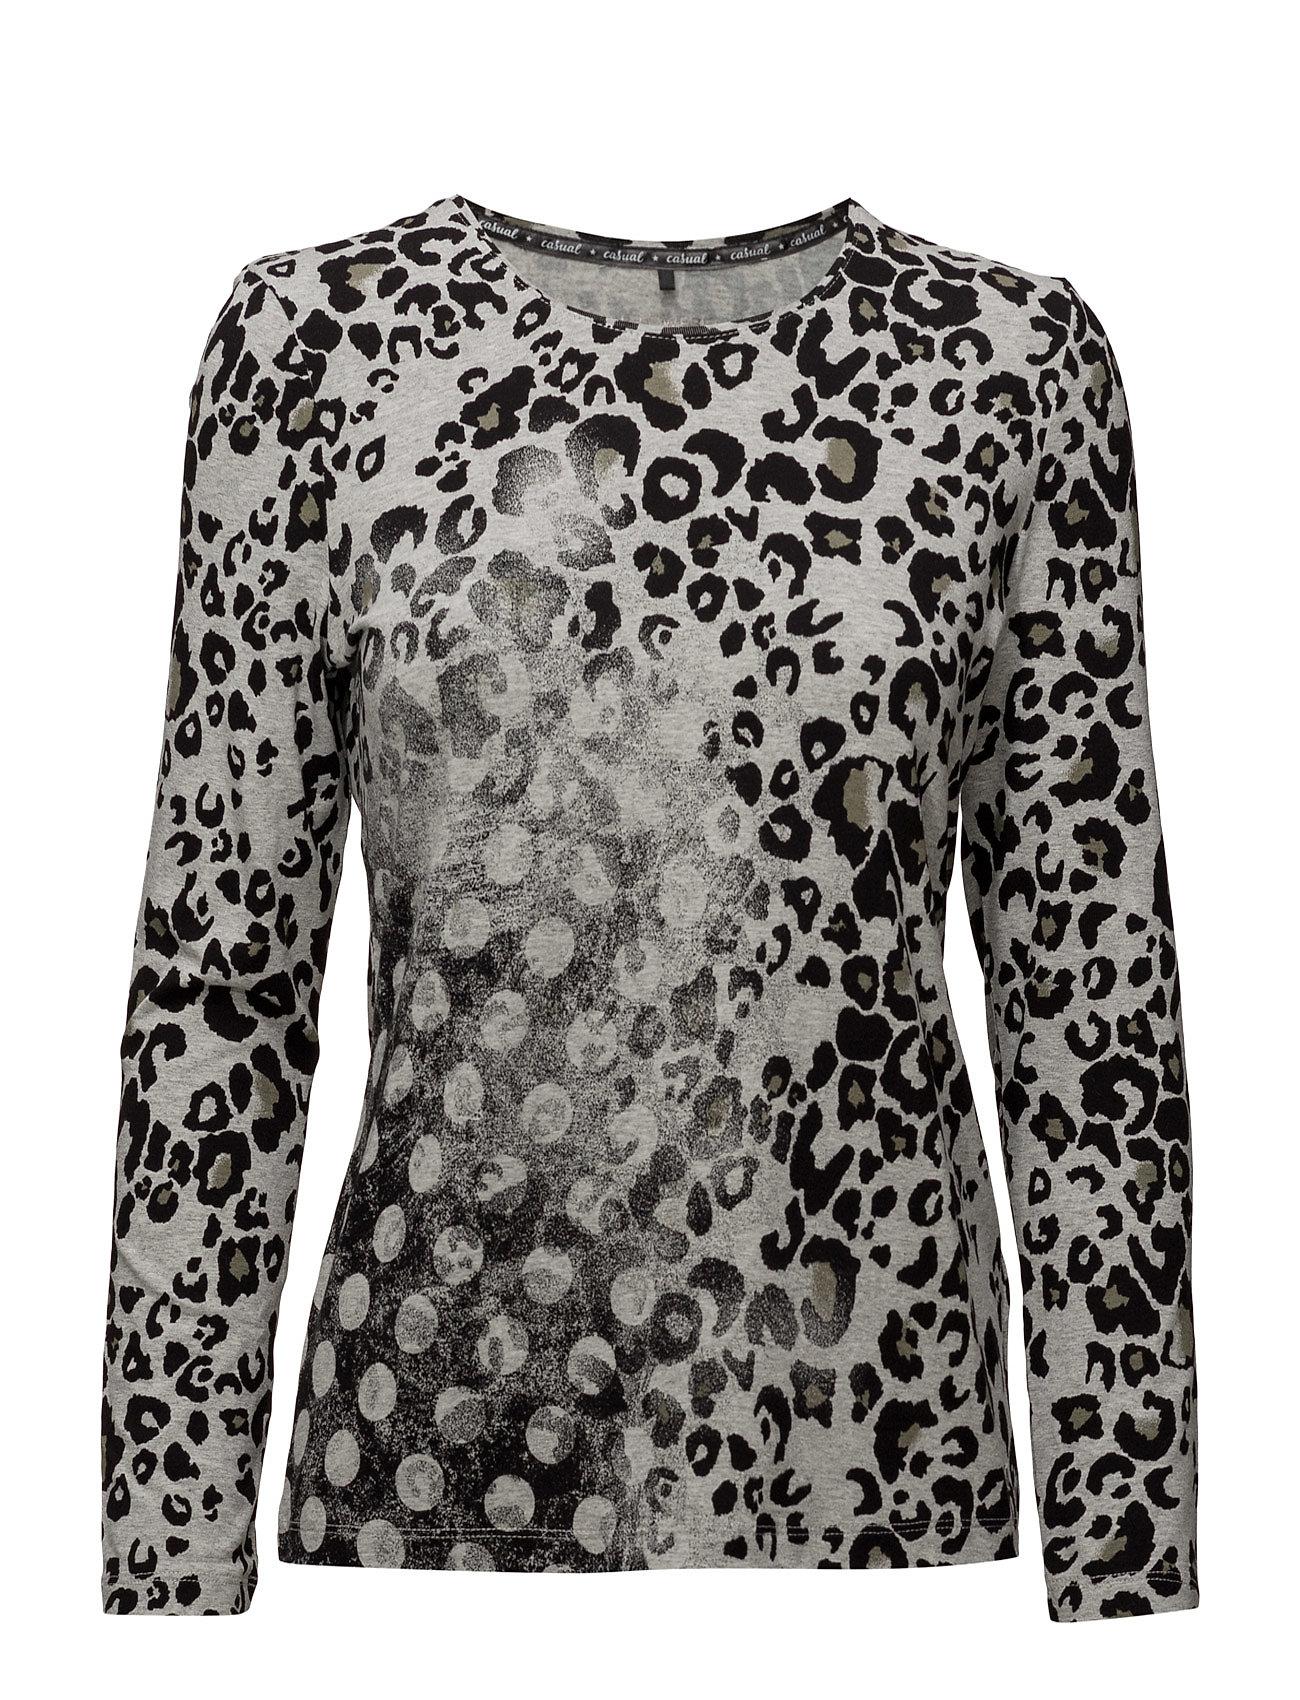 T-Shirt Long-Sleeve Gerry Weber Edition Langærmede til Damer i